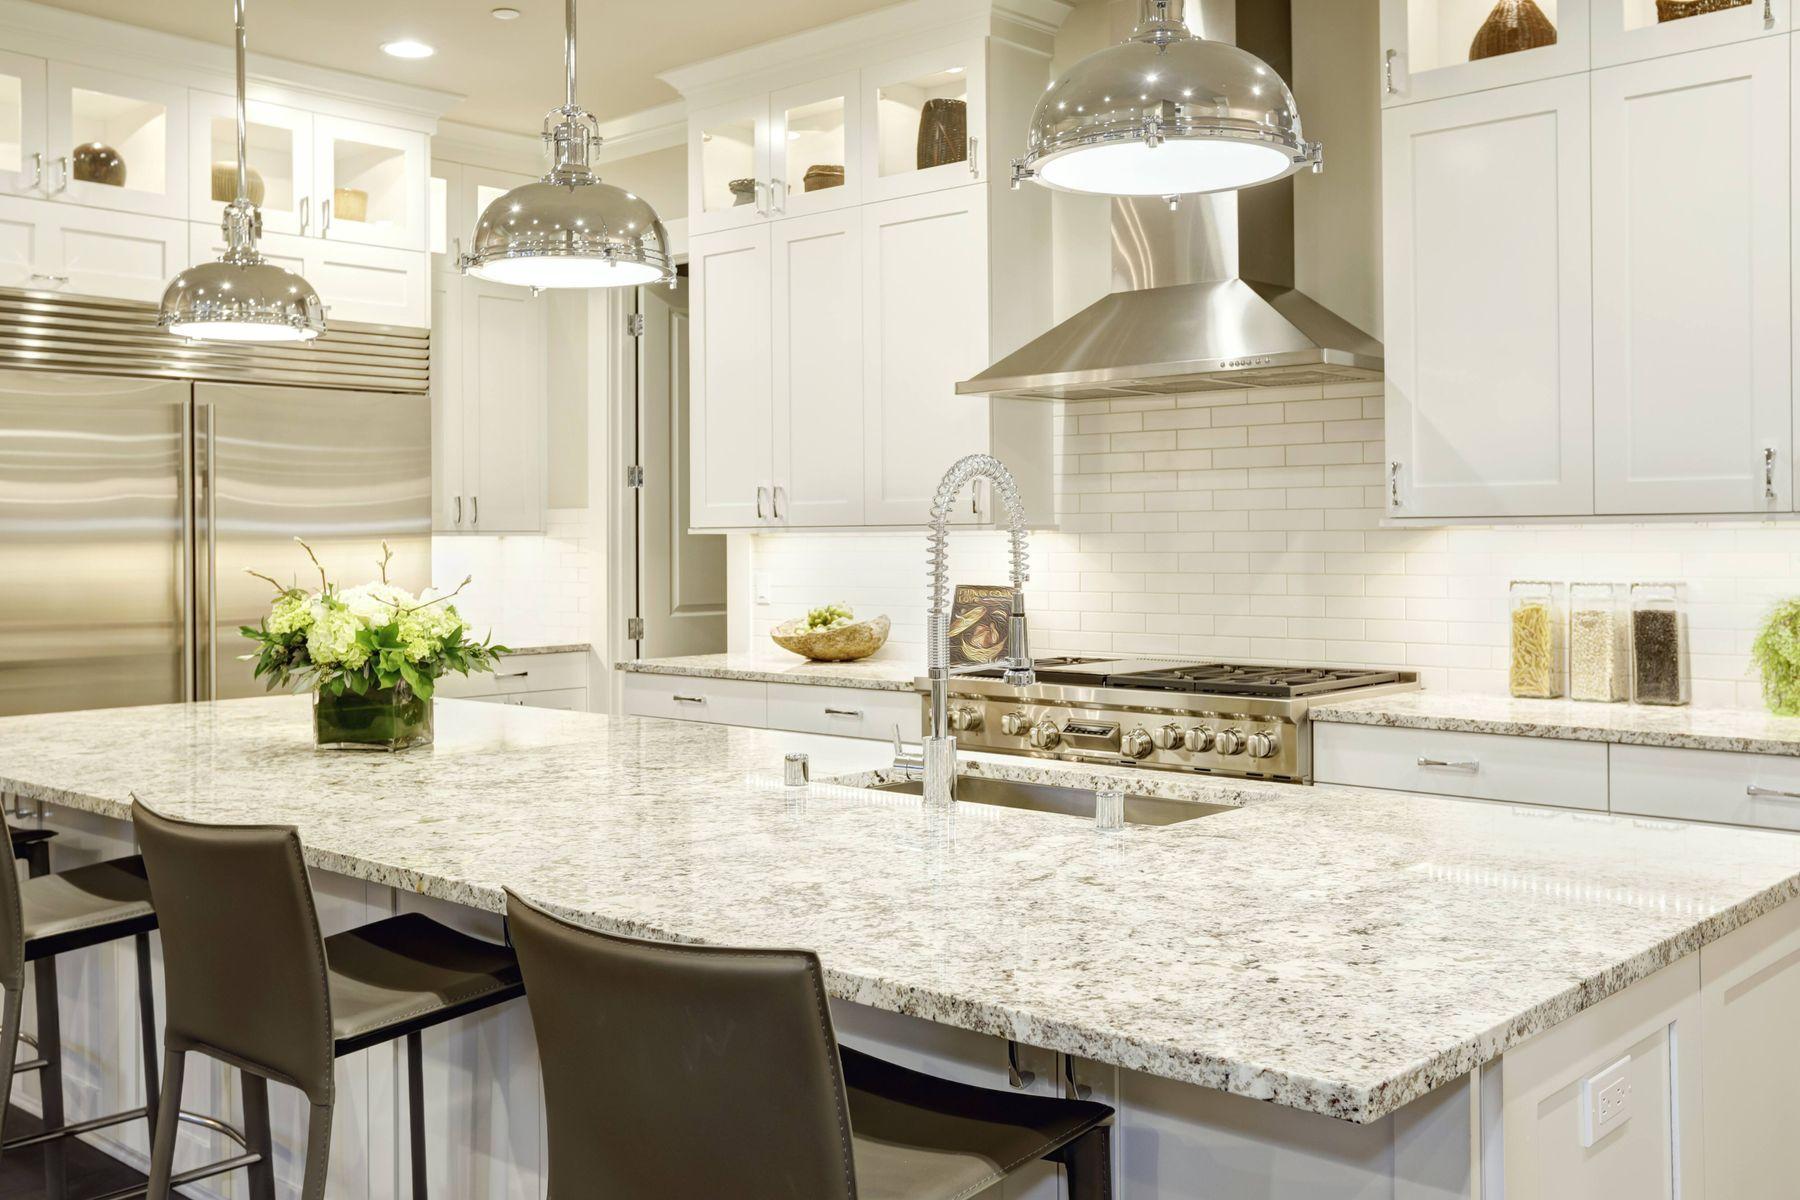 Mẹo làm sạch bề mặt đá bếp hoa cương cực dễ chỉ tốn chưa đầy 2 phút